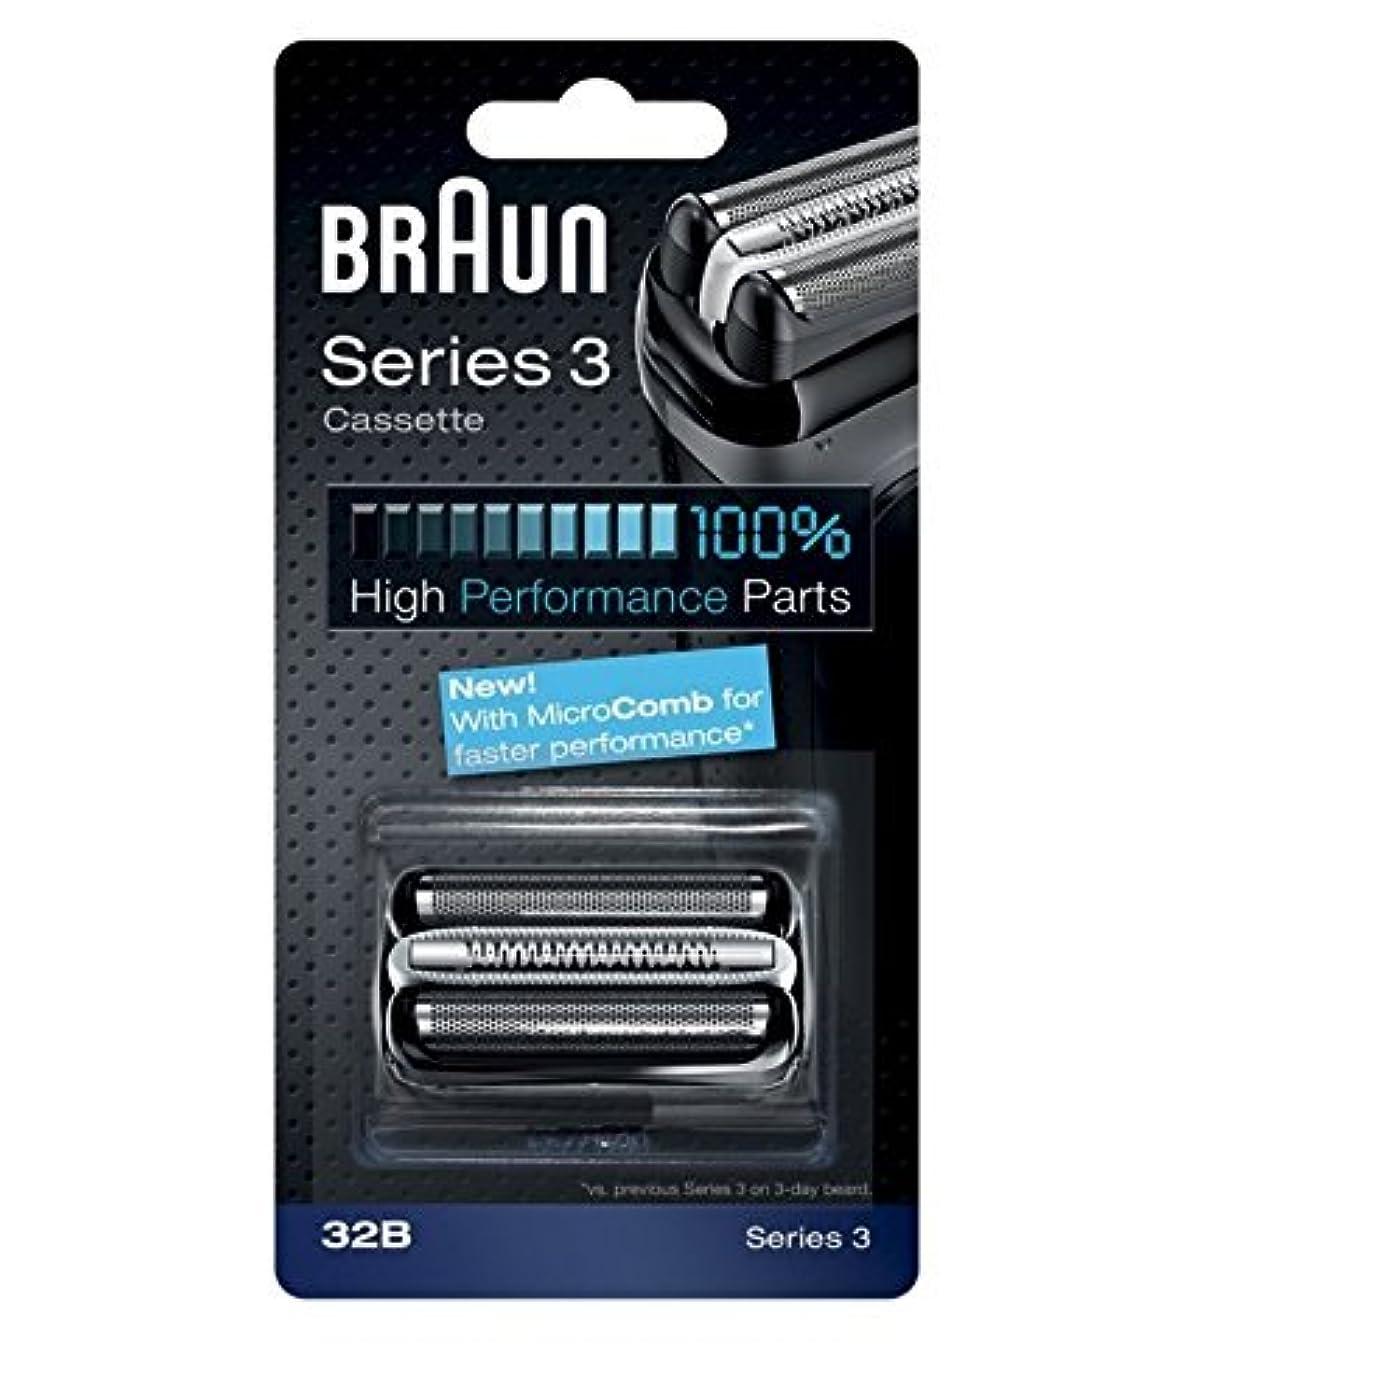 農学不純不愉快Braun razor Replacement Foil & Cutter Cassette 32B Series 3 320 330 340 350CC black shaving heads [並行輸入品]